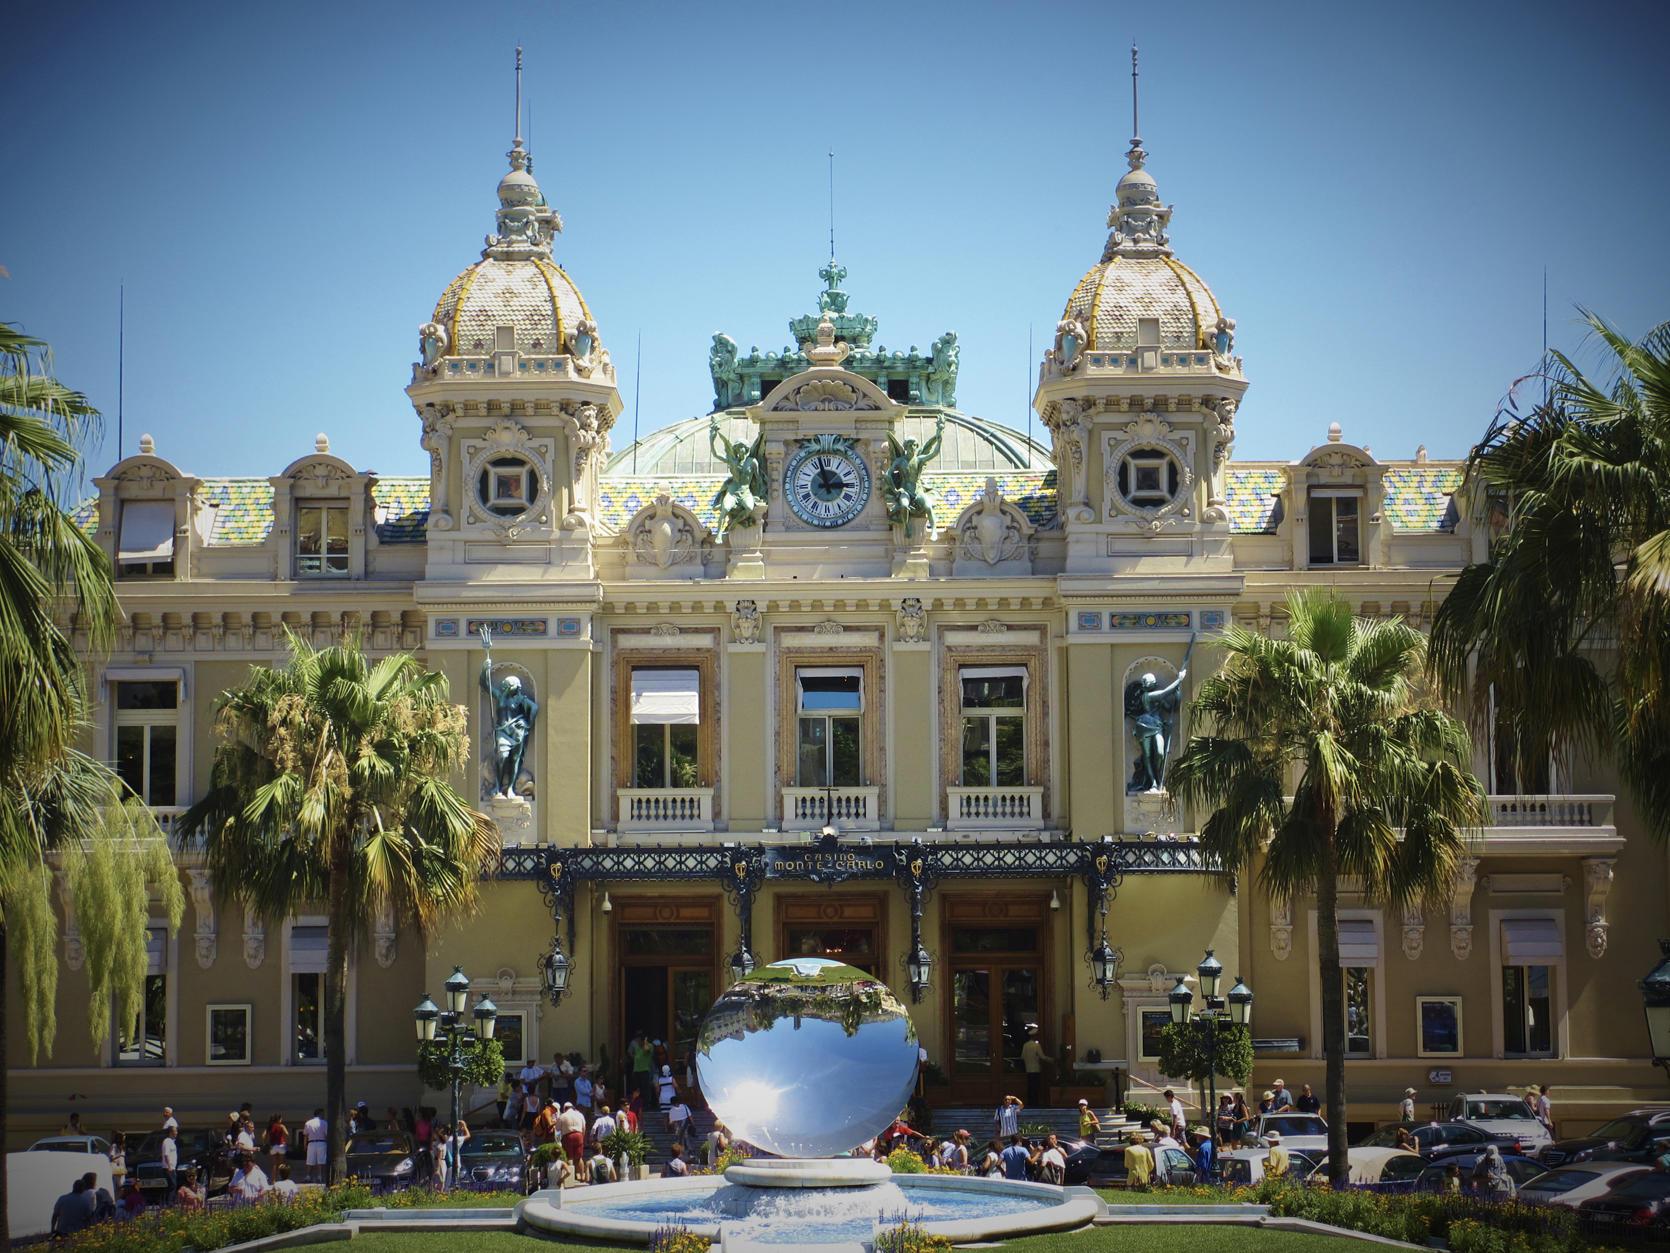 Take a day trip to Monaco